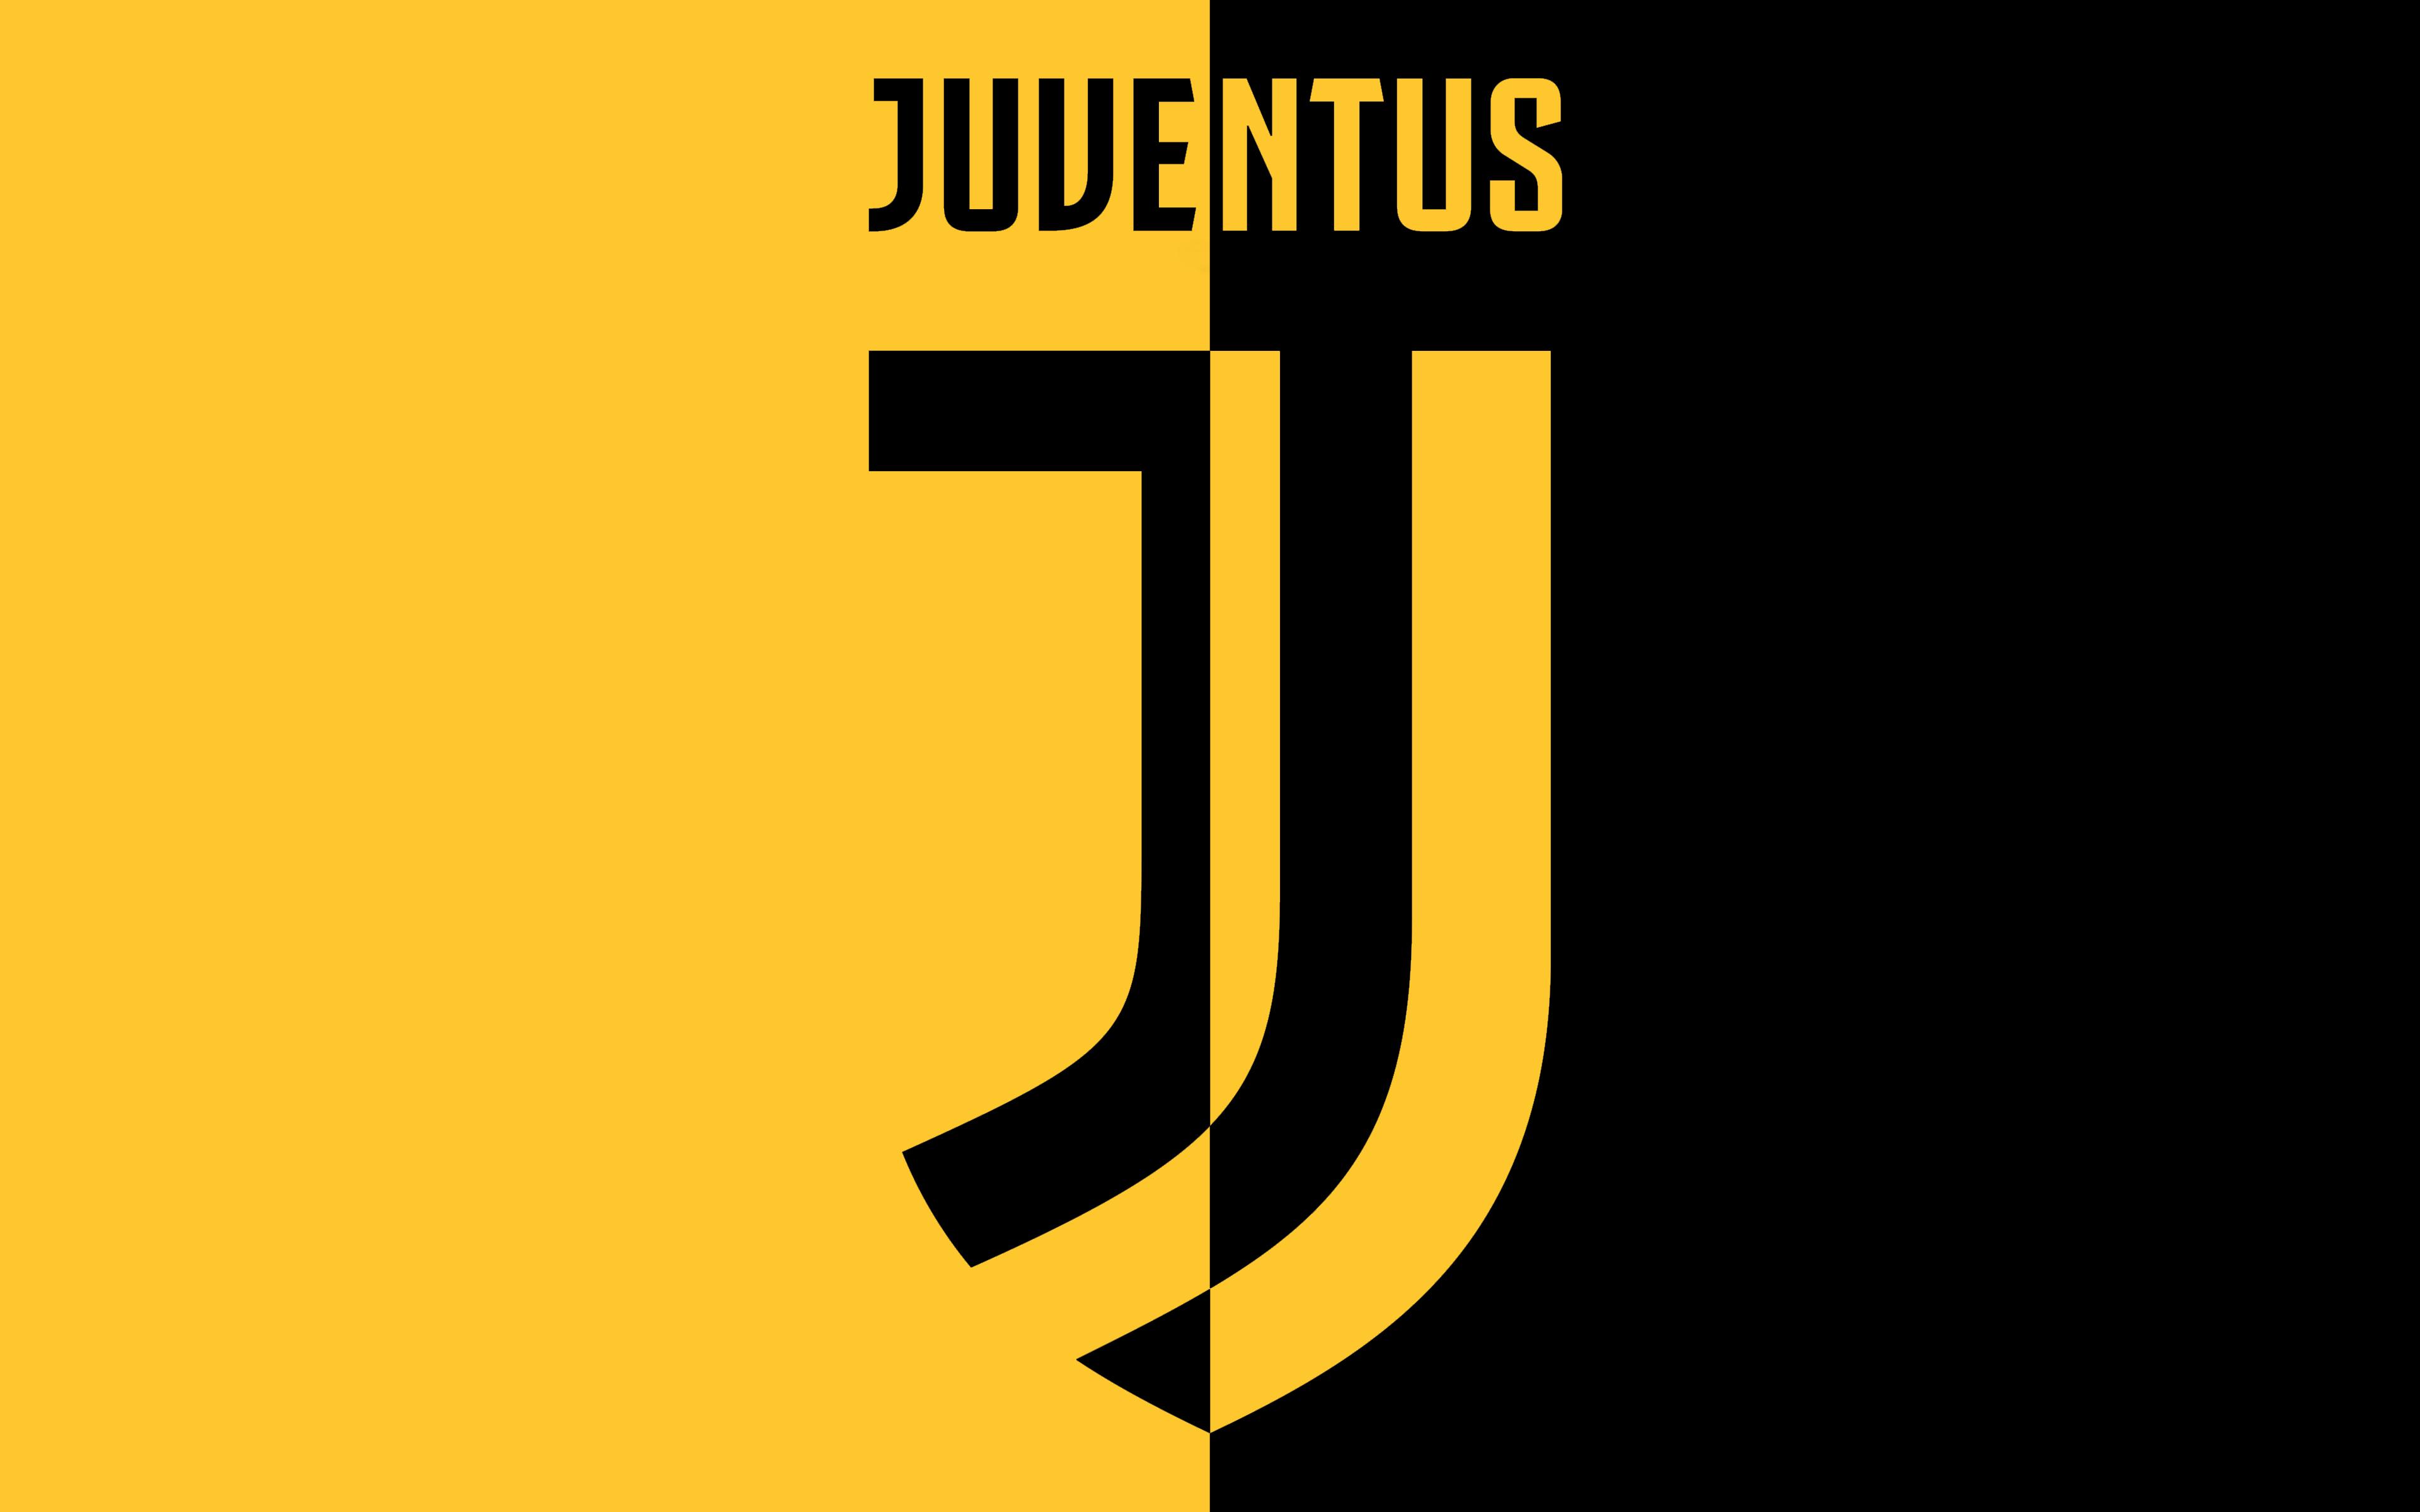 hd wallpaper design juventus logo blog timnesia